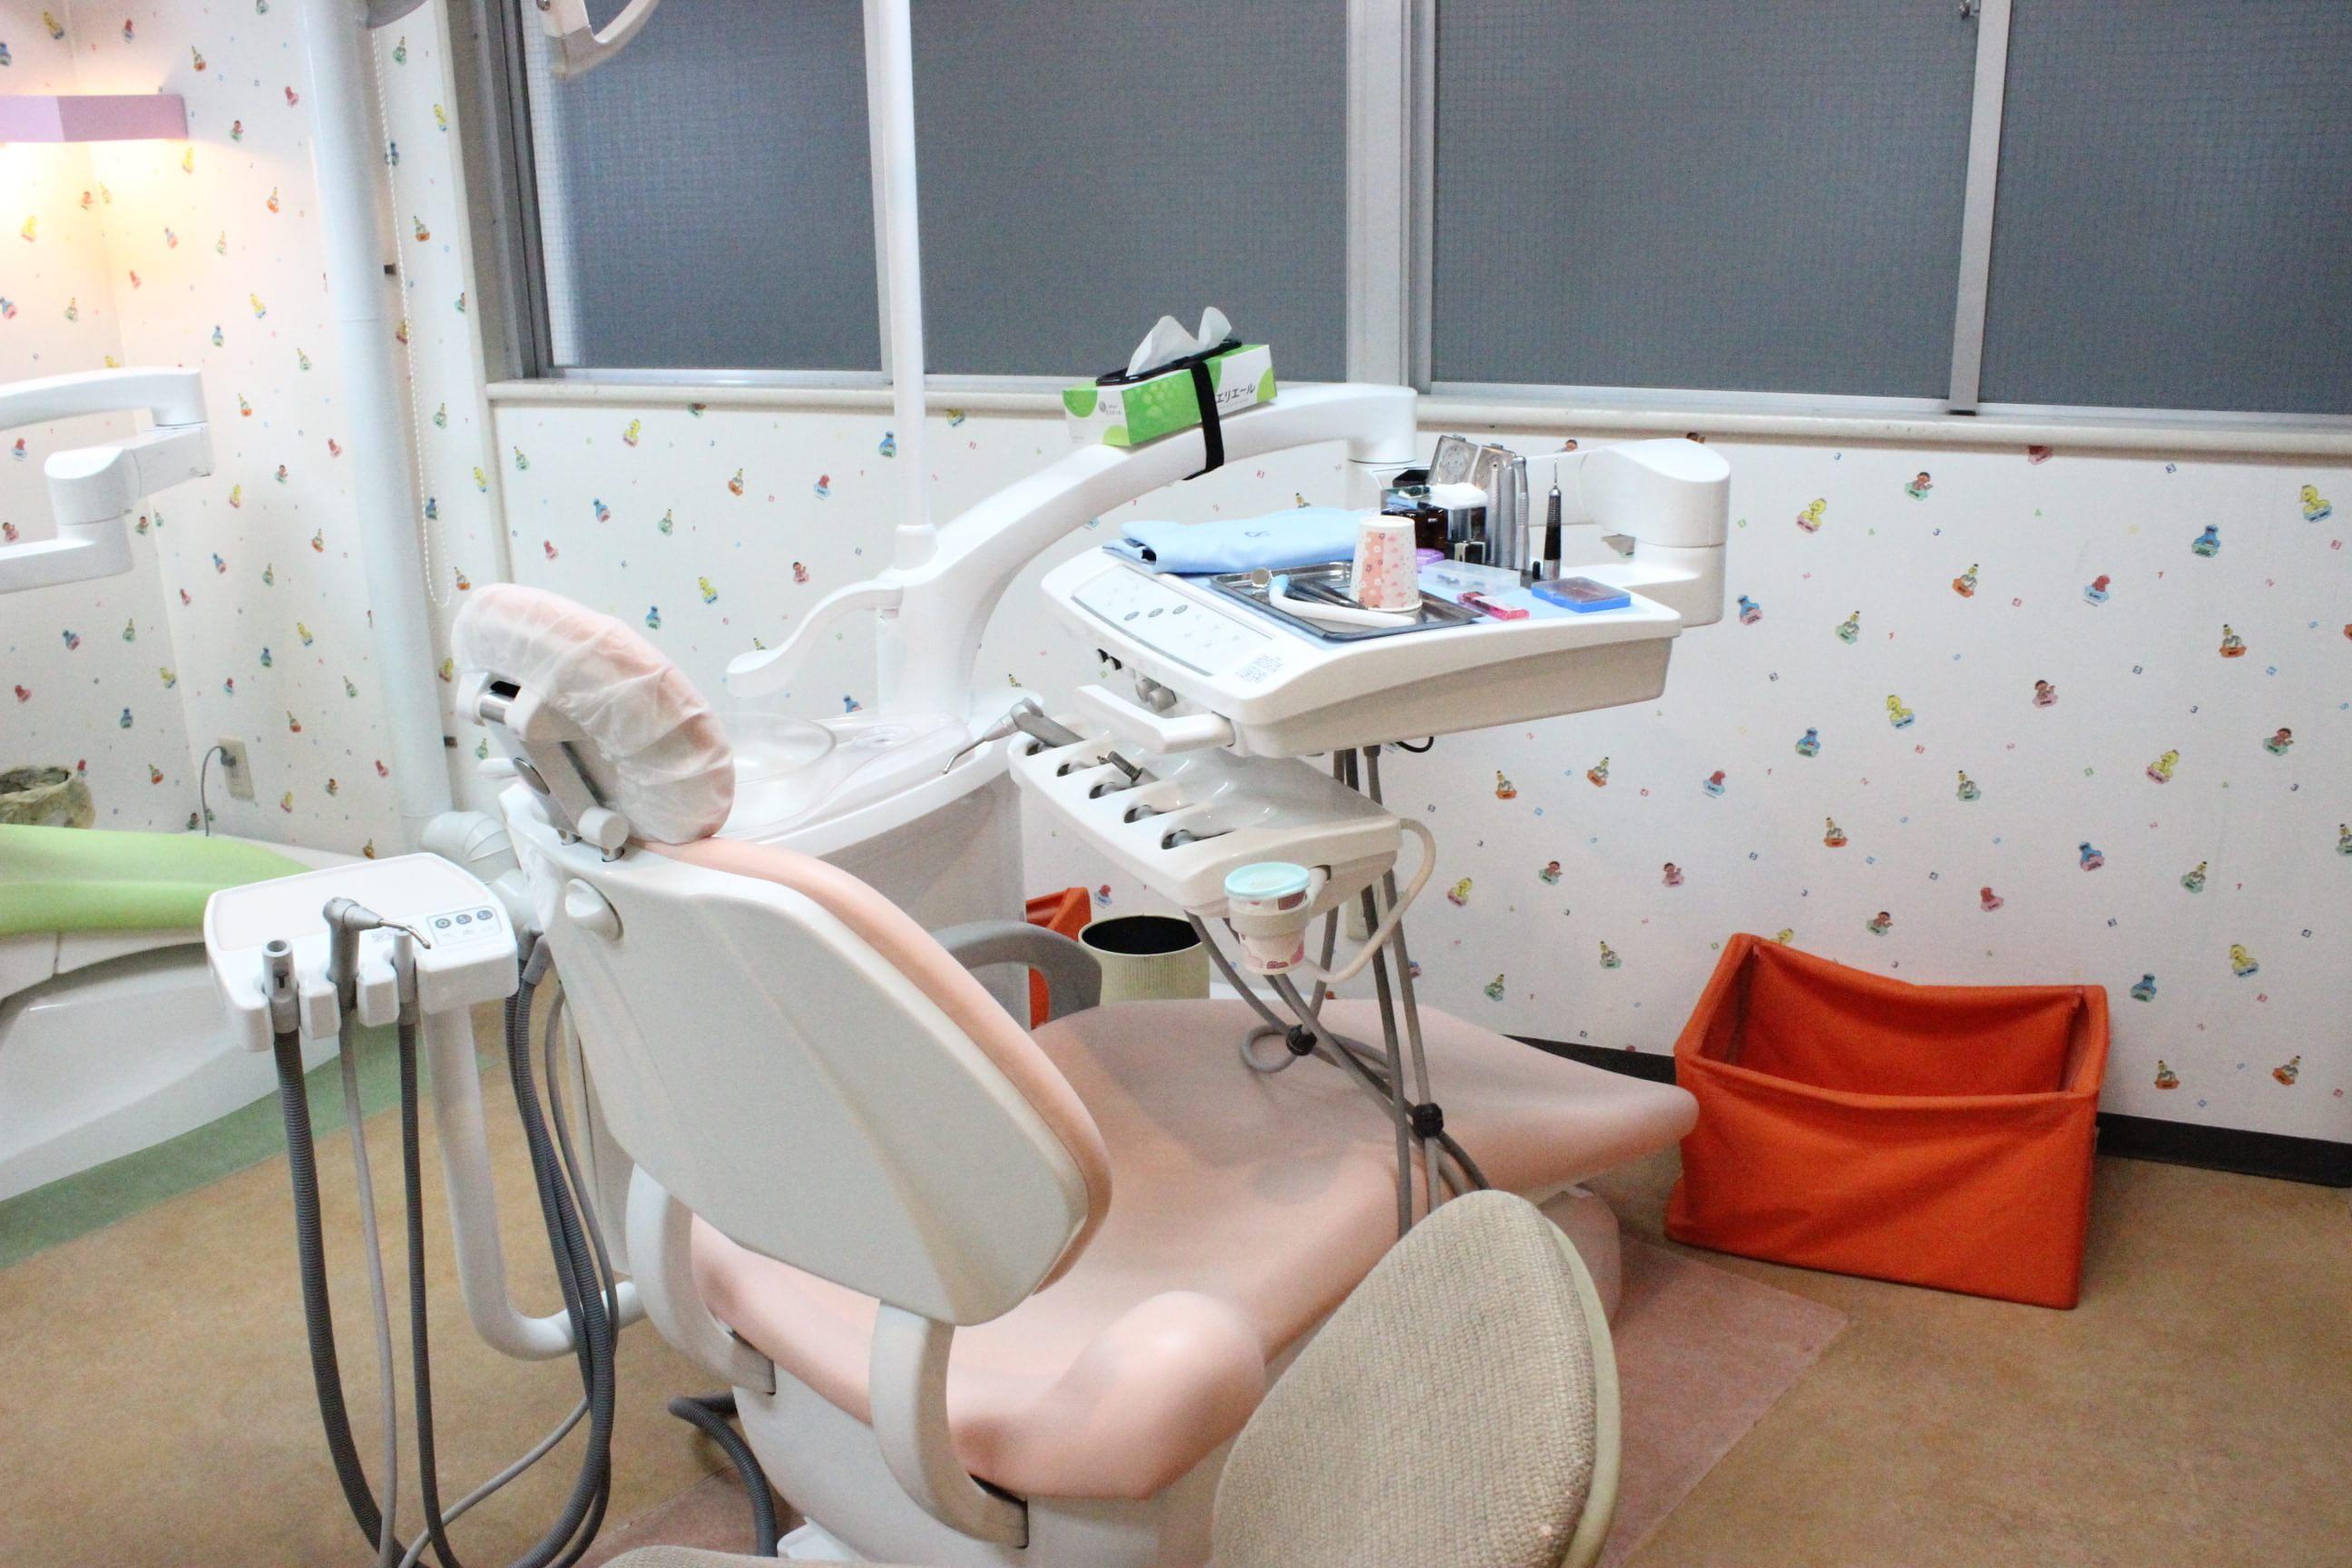 浜松駅 北口徒歩1分 きた矯正歯科クリニック写真5